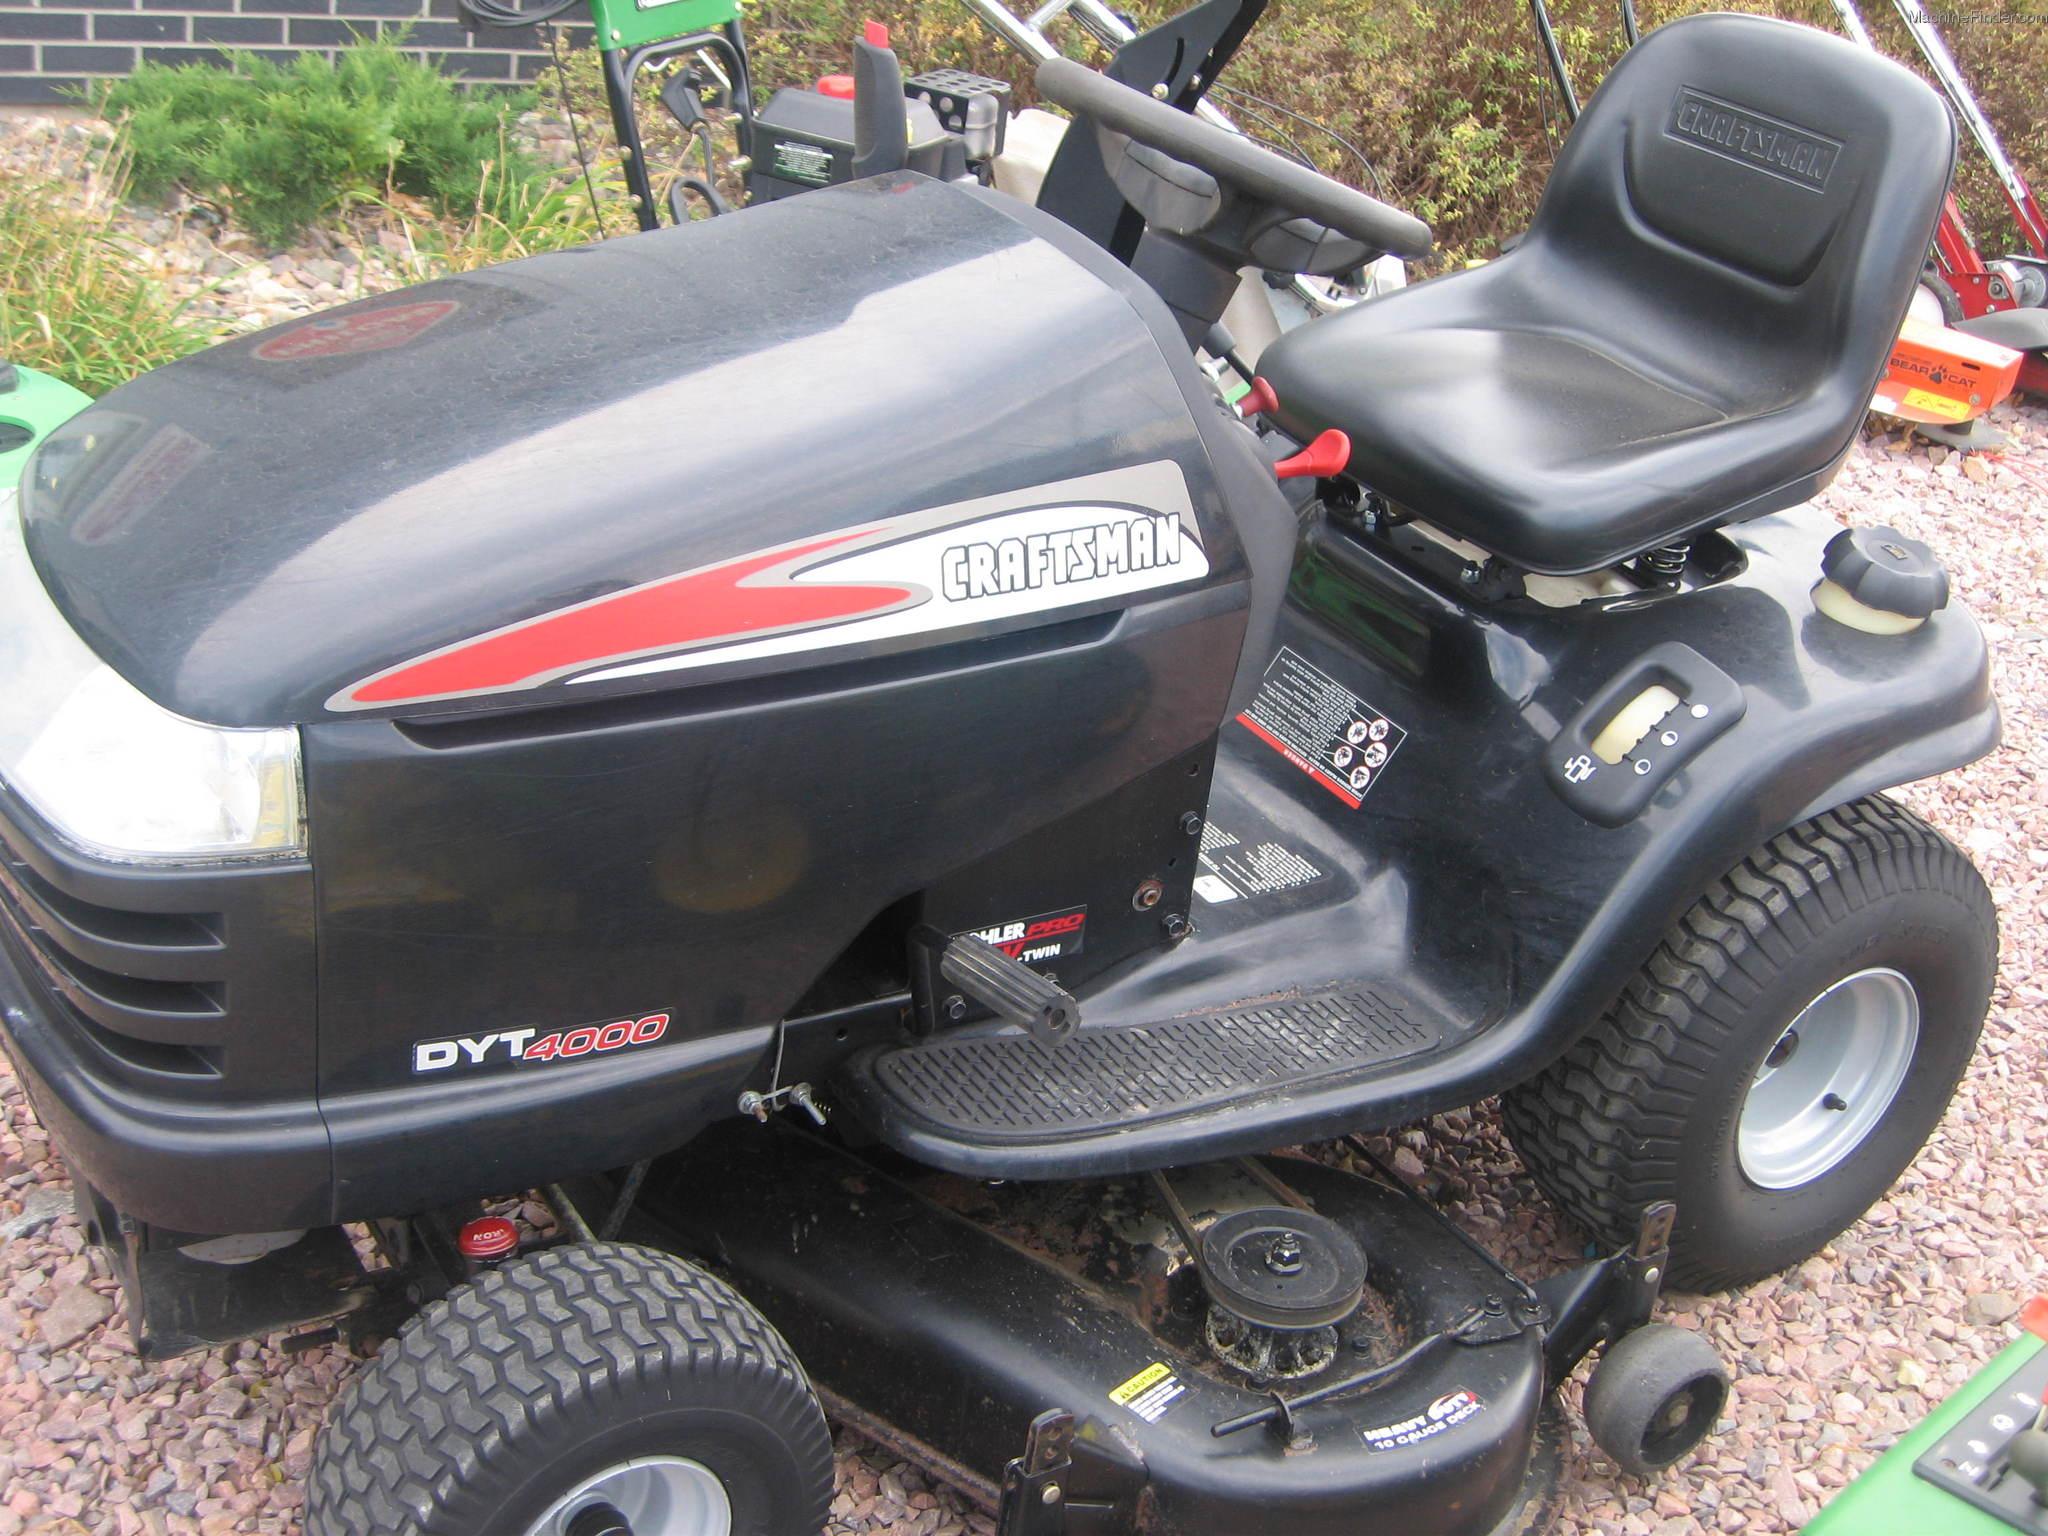 Craftsman 4000 Riding Lawn Mower : Tweet